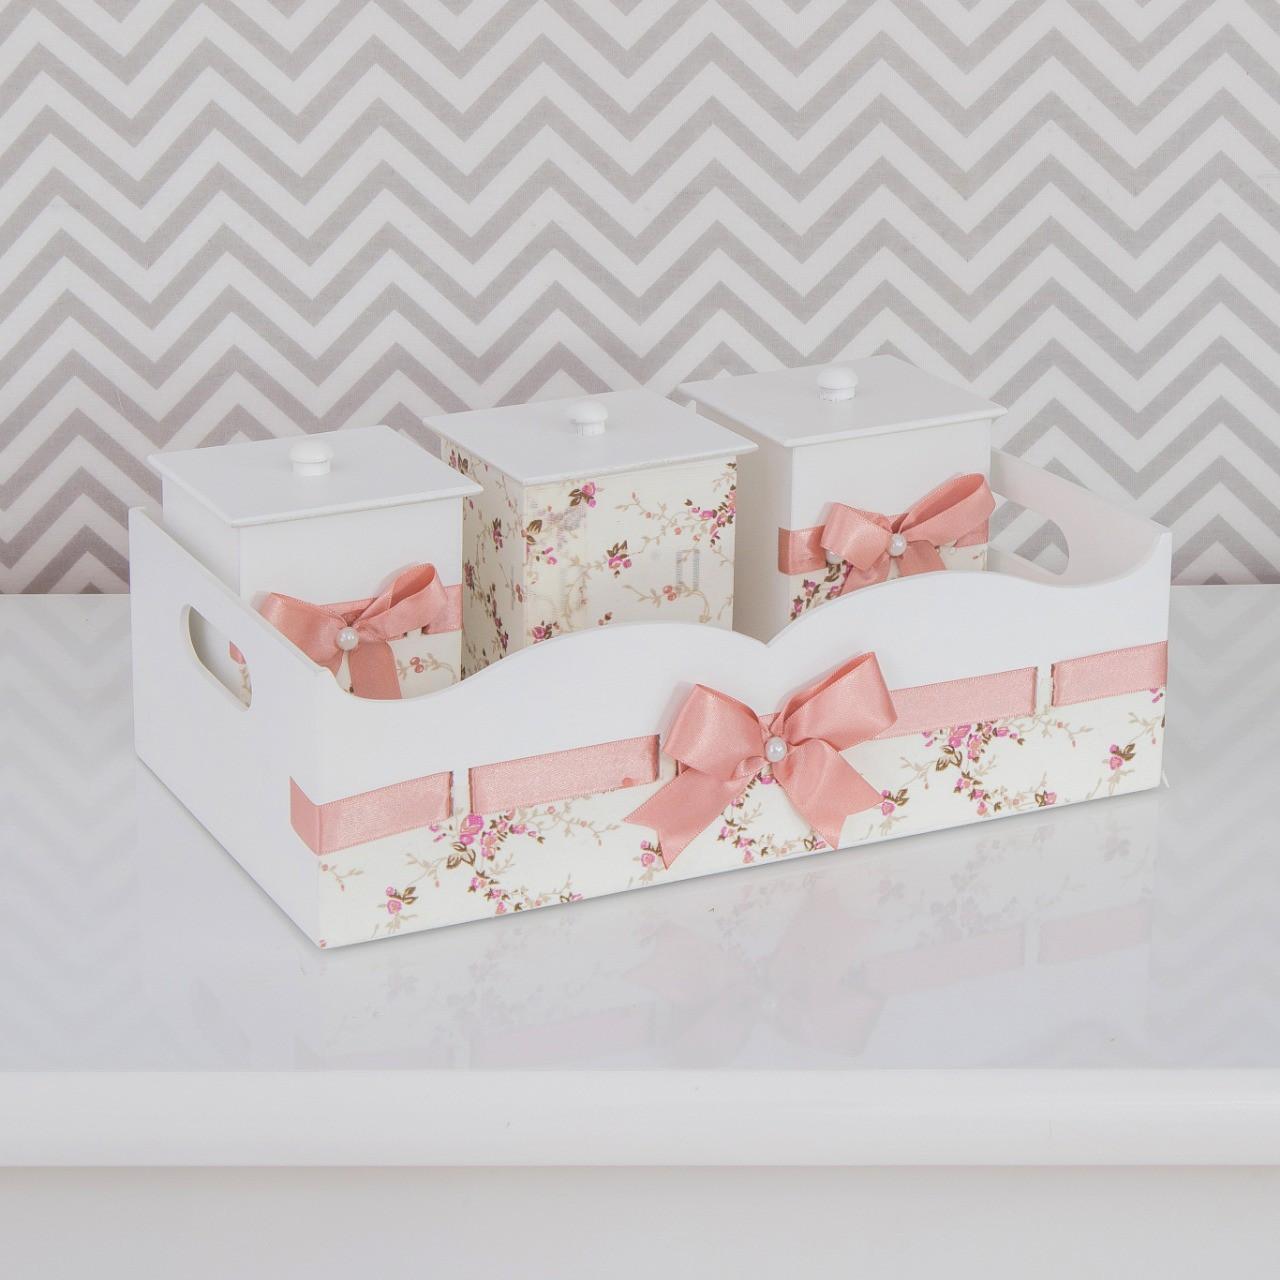 Kit de Higiene Bebê com 7 Peças Passa Fita Rosa e Branco